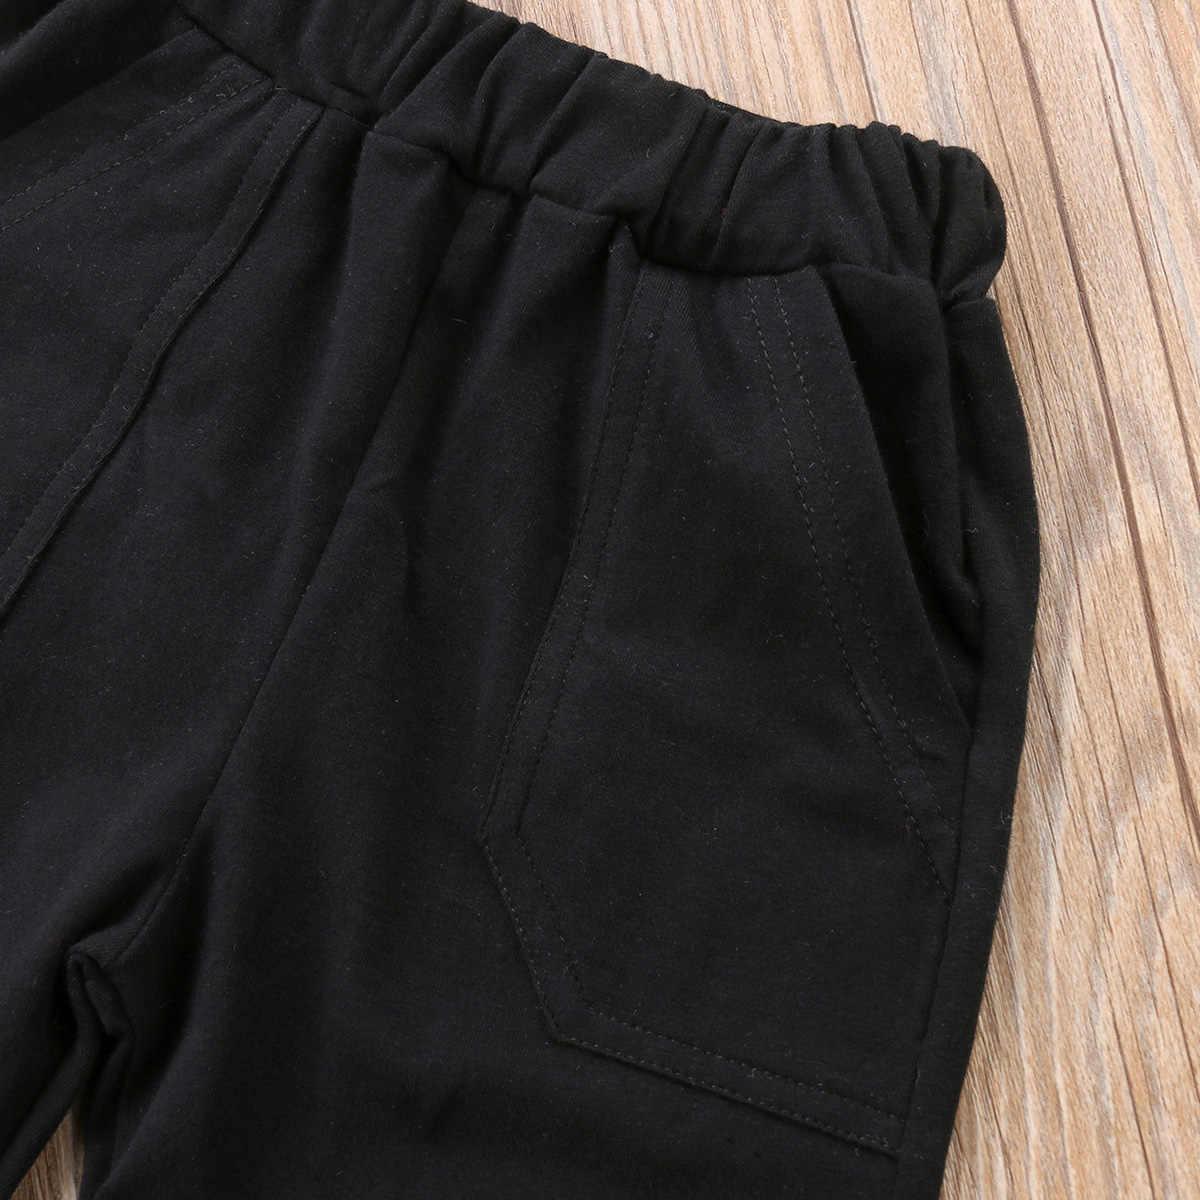 2018 מותג חדש לפעוטות ילד קיד Baby Boy Shortsleeve חולצות טריקו ארוך מכנסיים 2 יחידות תלבושות קיץ סט בגדי מכתב 1-6 T